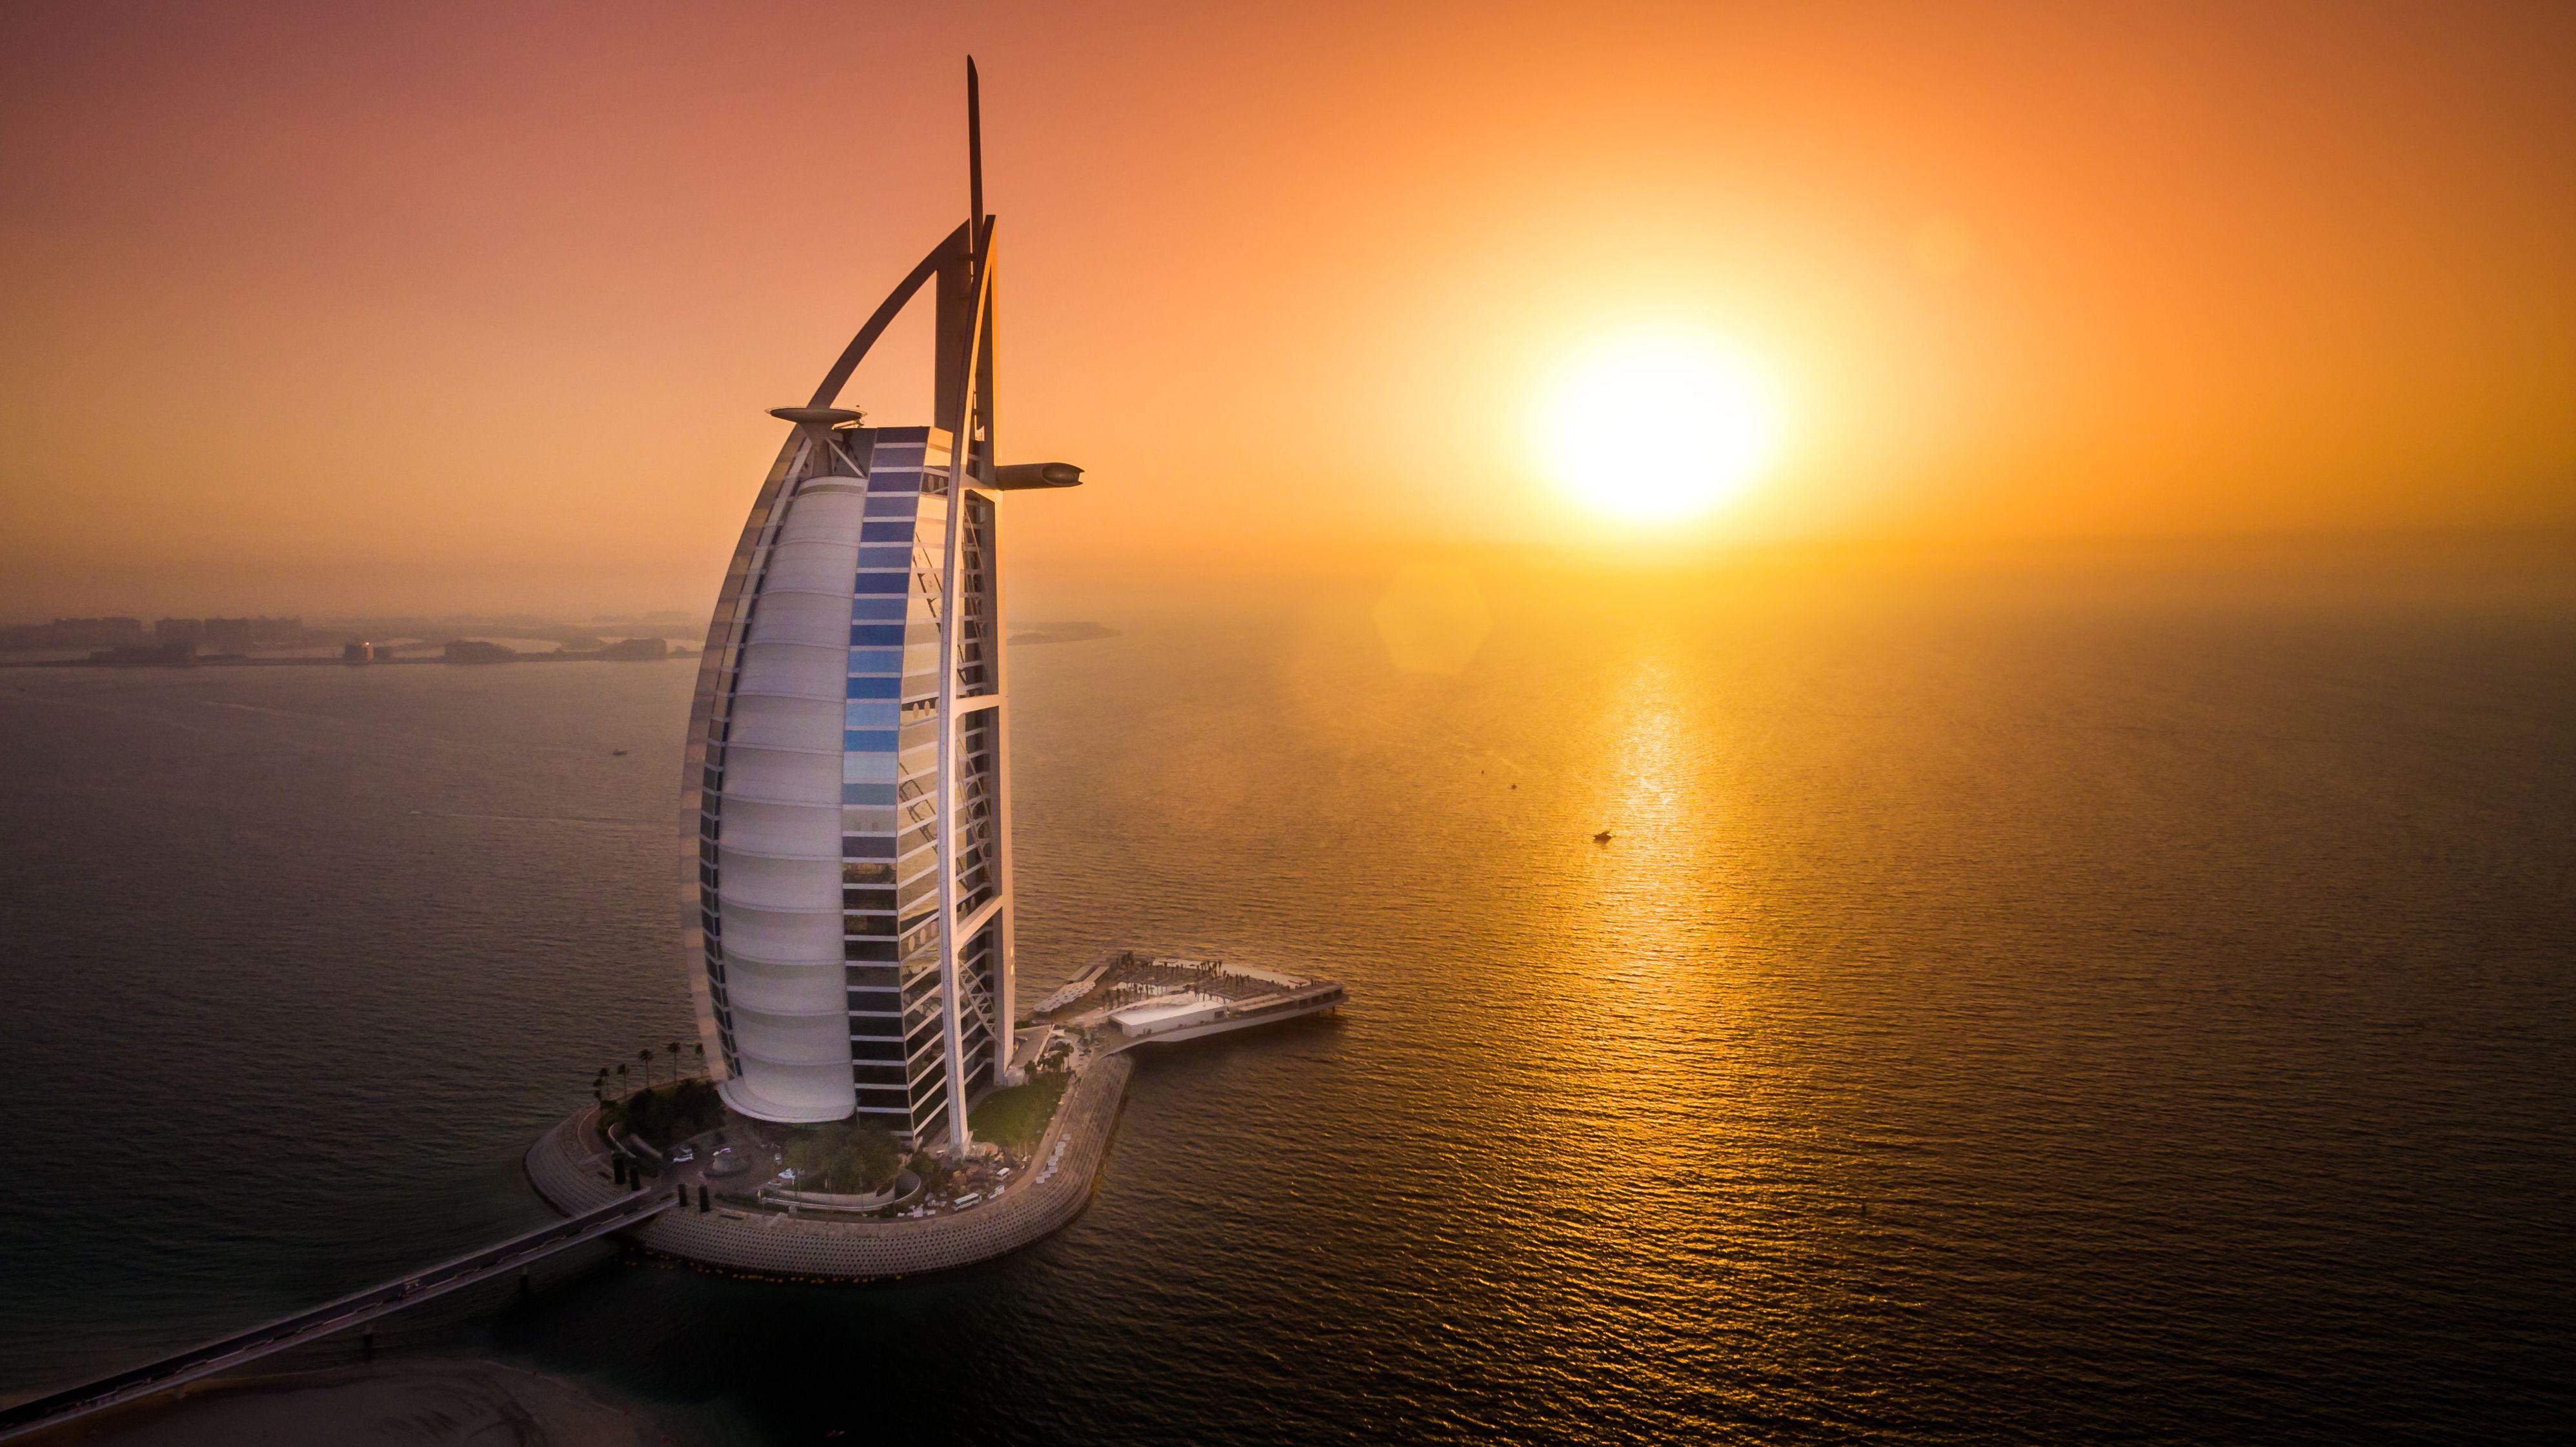 Viajes a Emiratos Árabes Unidos